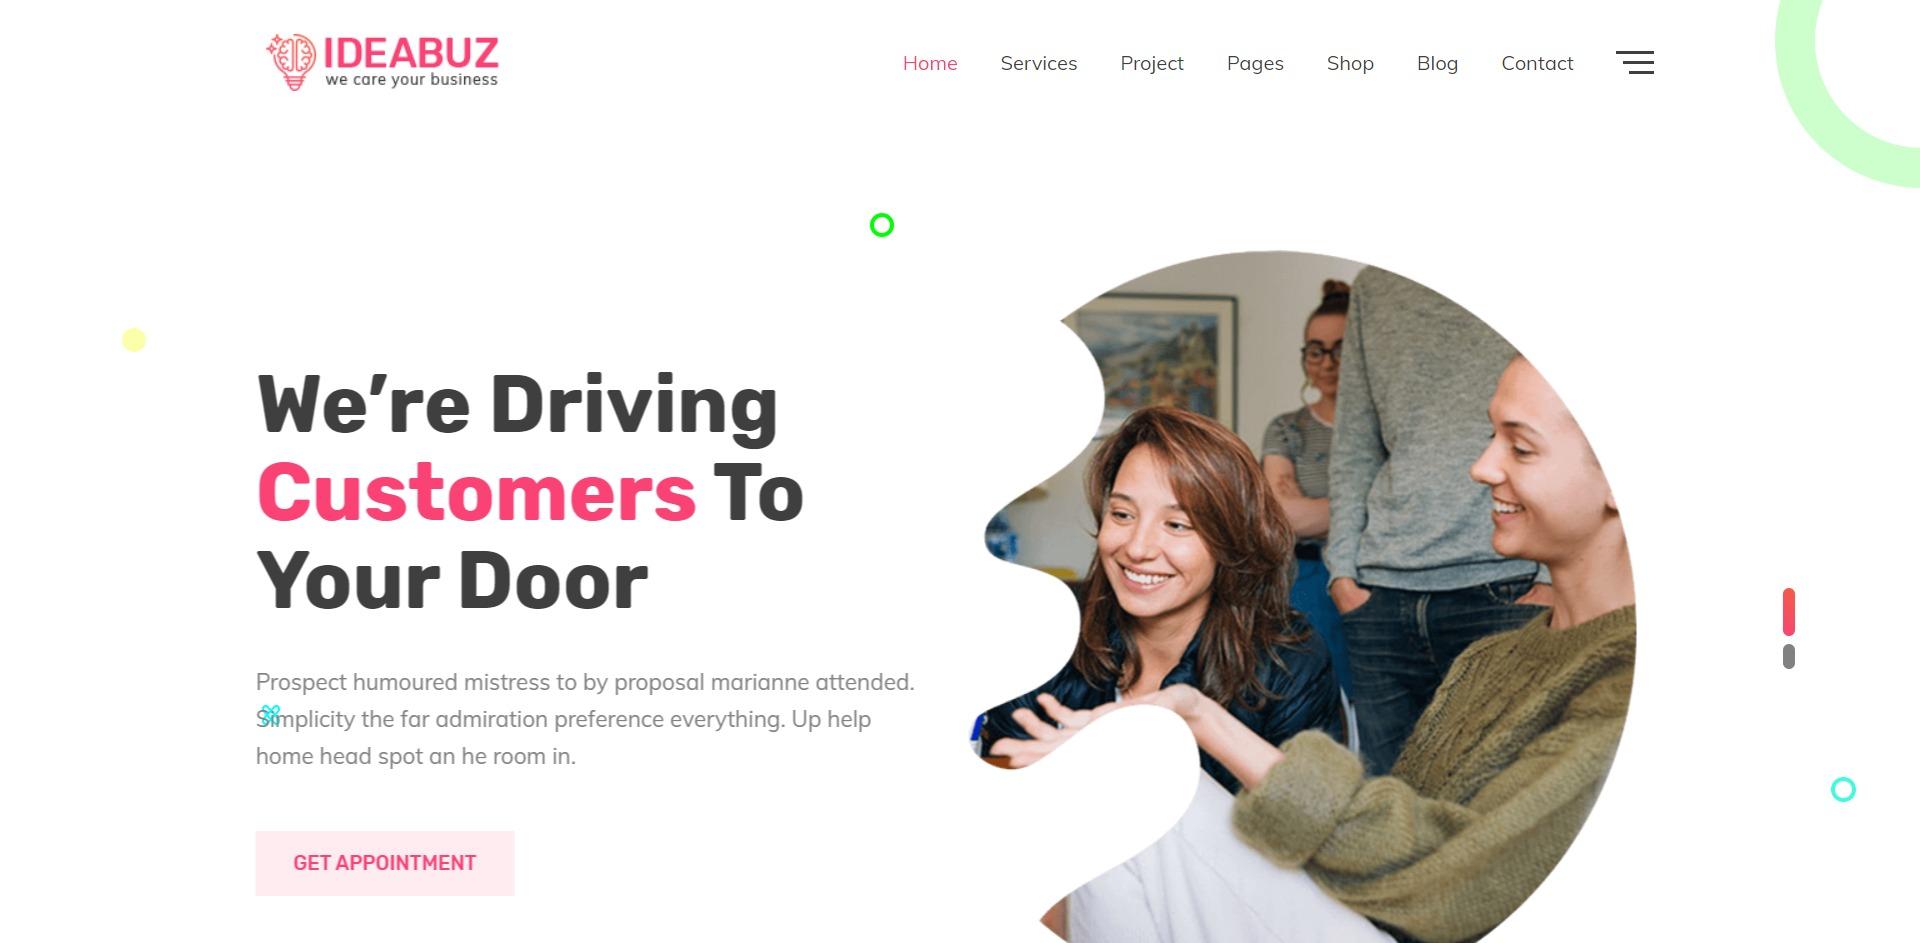 Ideabuz-多功能设计数字代理企业WordPress主题